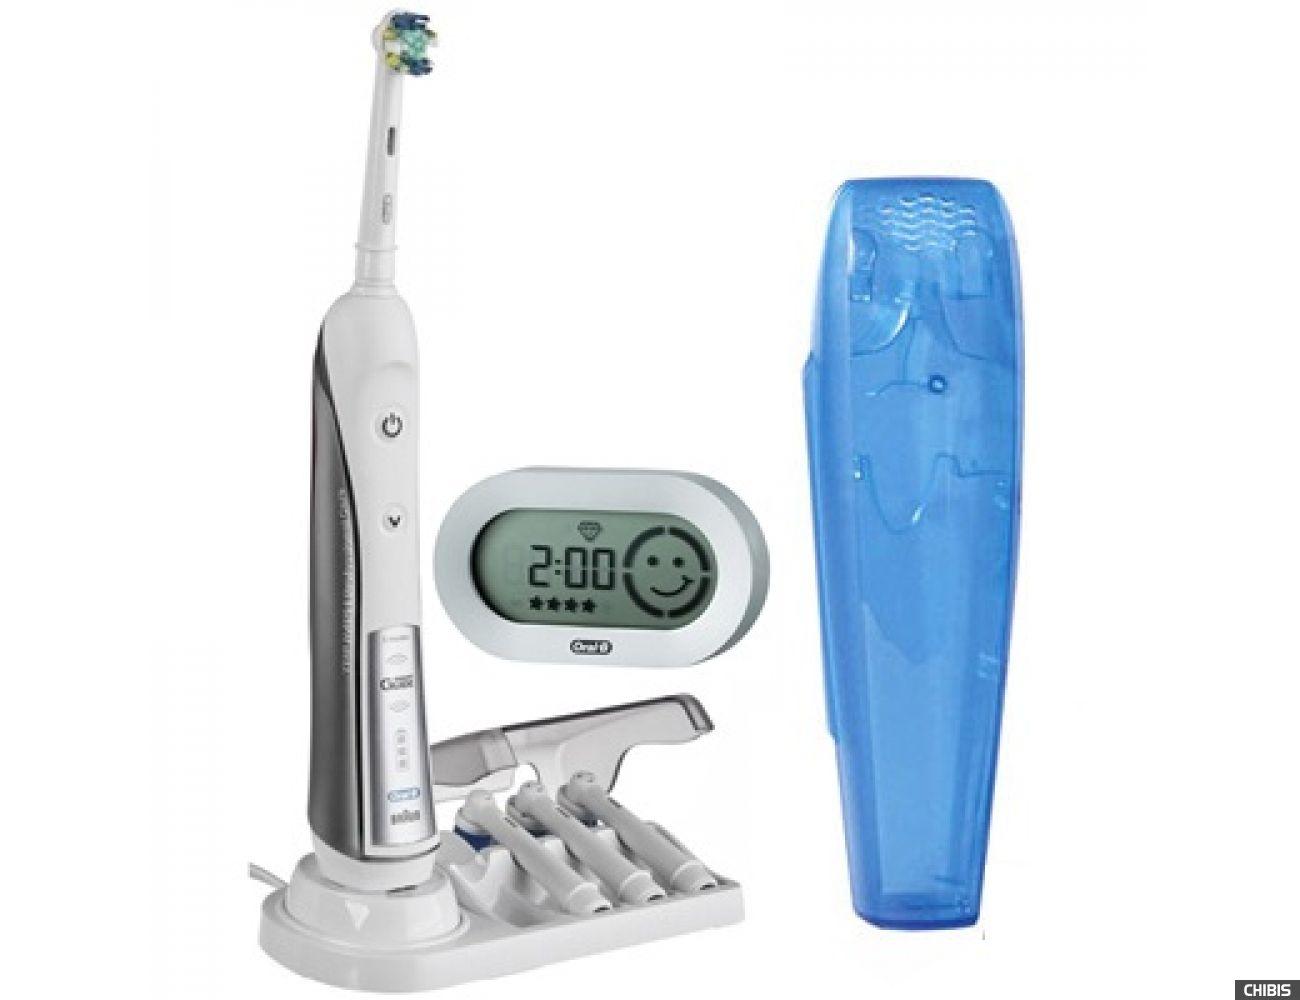 Зубная щетка Braun Oral-B Professional Care 5000 Triumph D34.575.5X тип 3757 (4210201028895) 7 нас.